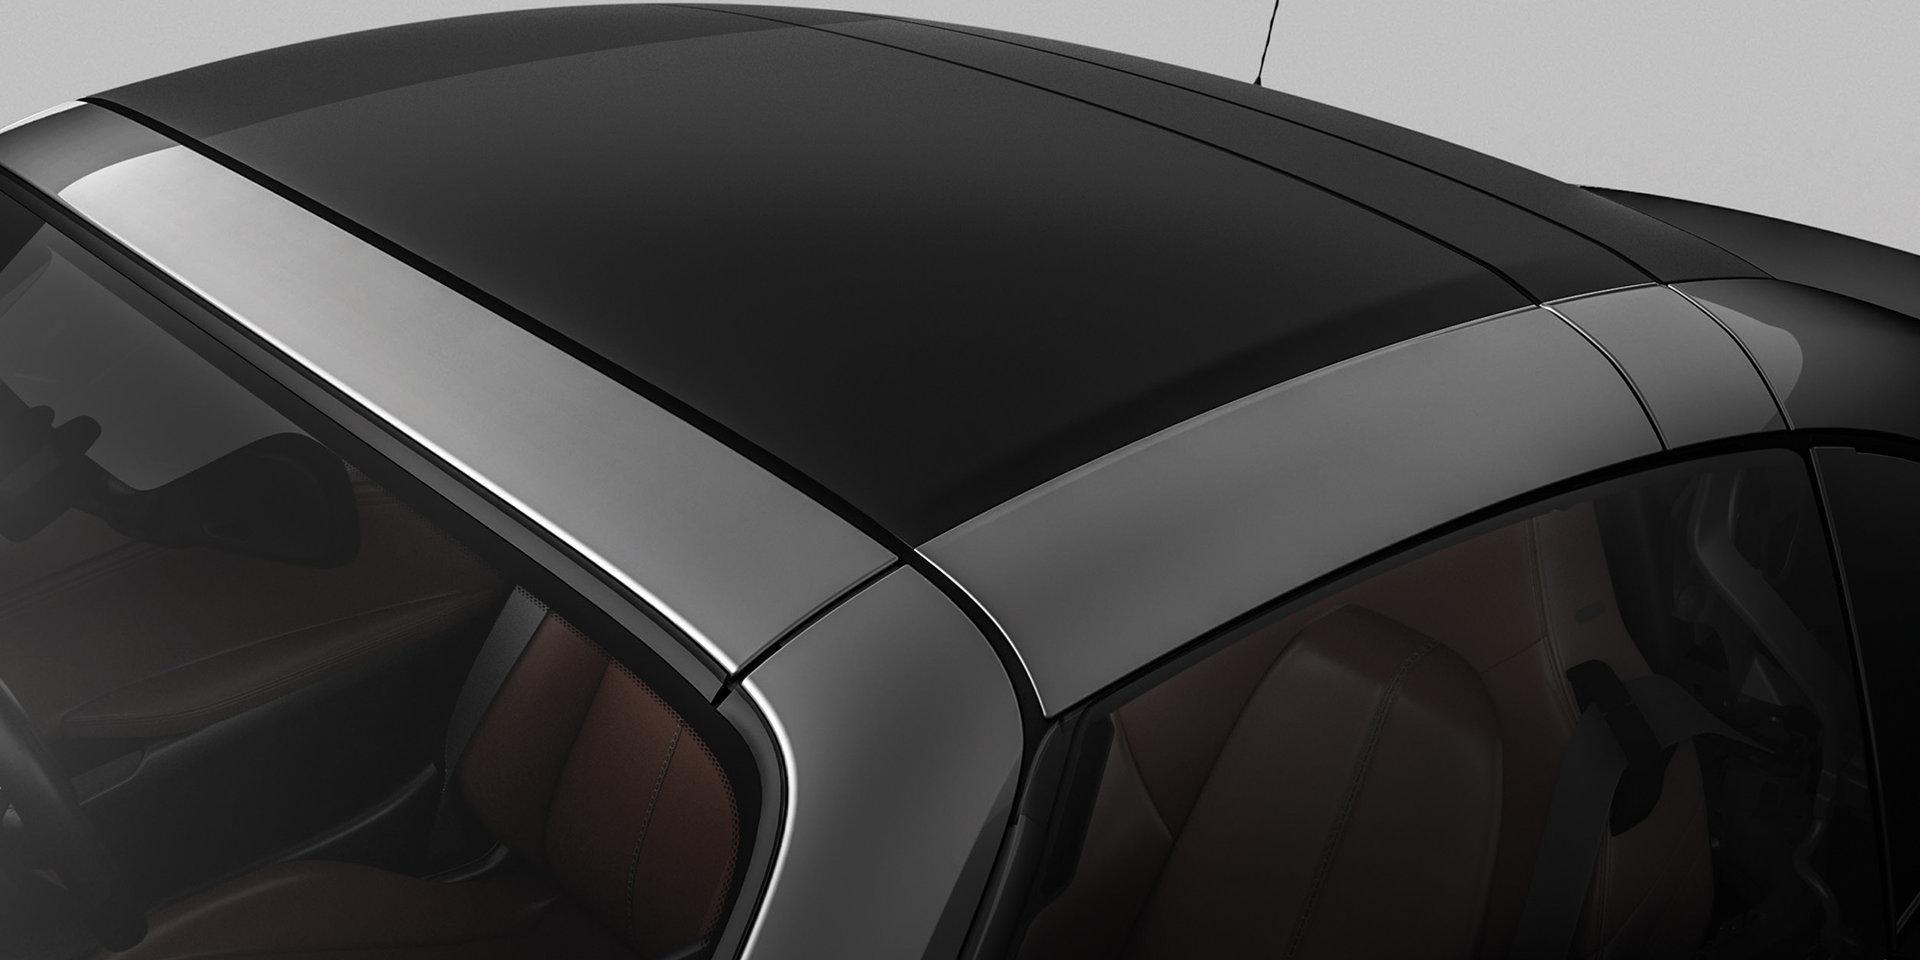 В дополнение к обновлениям подвески и модернизации NVH, Mazda добавила систему предупреждения о выезде из полосы и адаптивные светодиодные фары к лучшим вариантам GT.